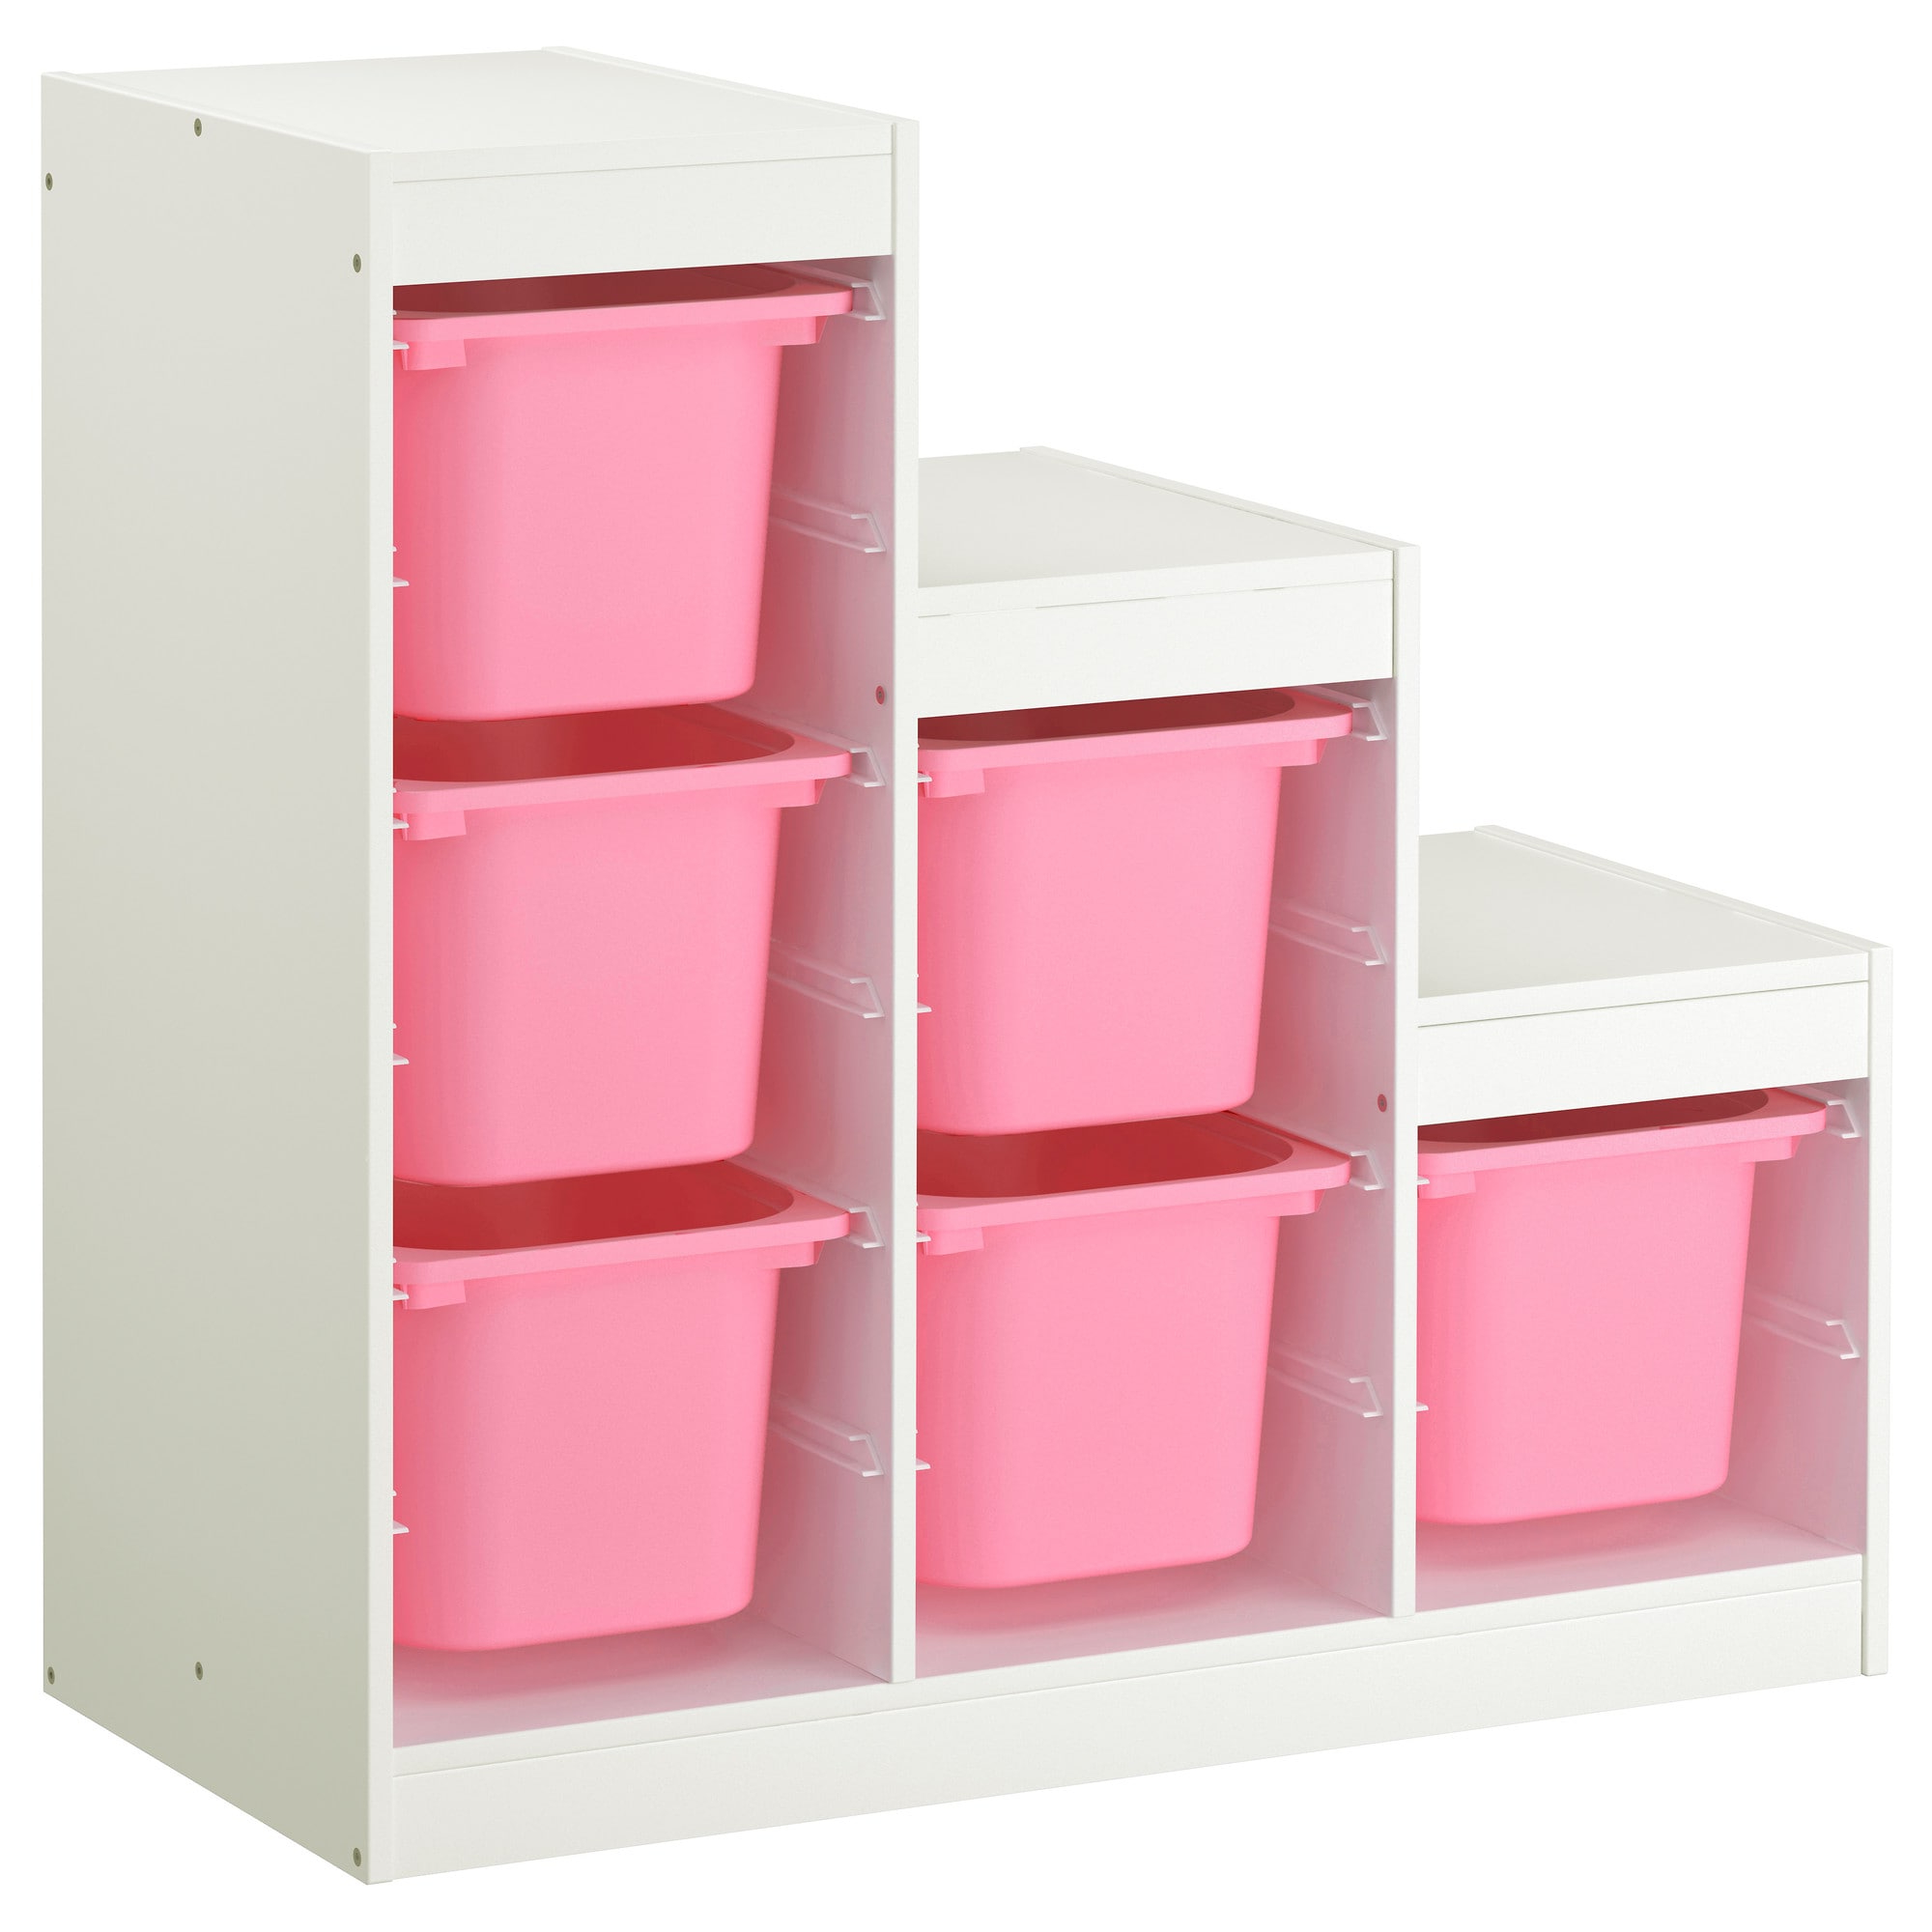 Mueble Bañera Cambiador Ikea D0dg Trofast Binacià N De Armario Y Estanterà A Blanco Rosa 99 X 44 X 94